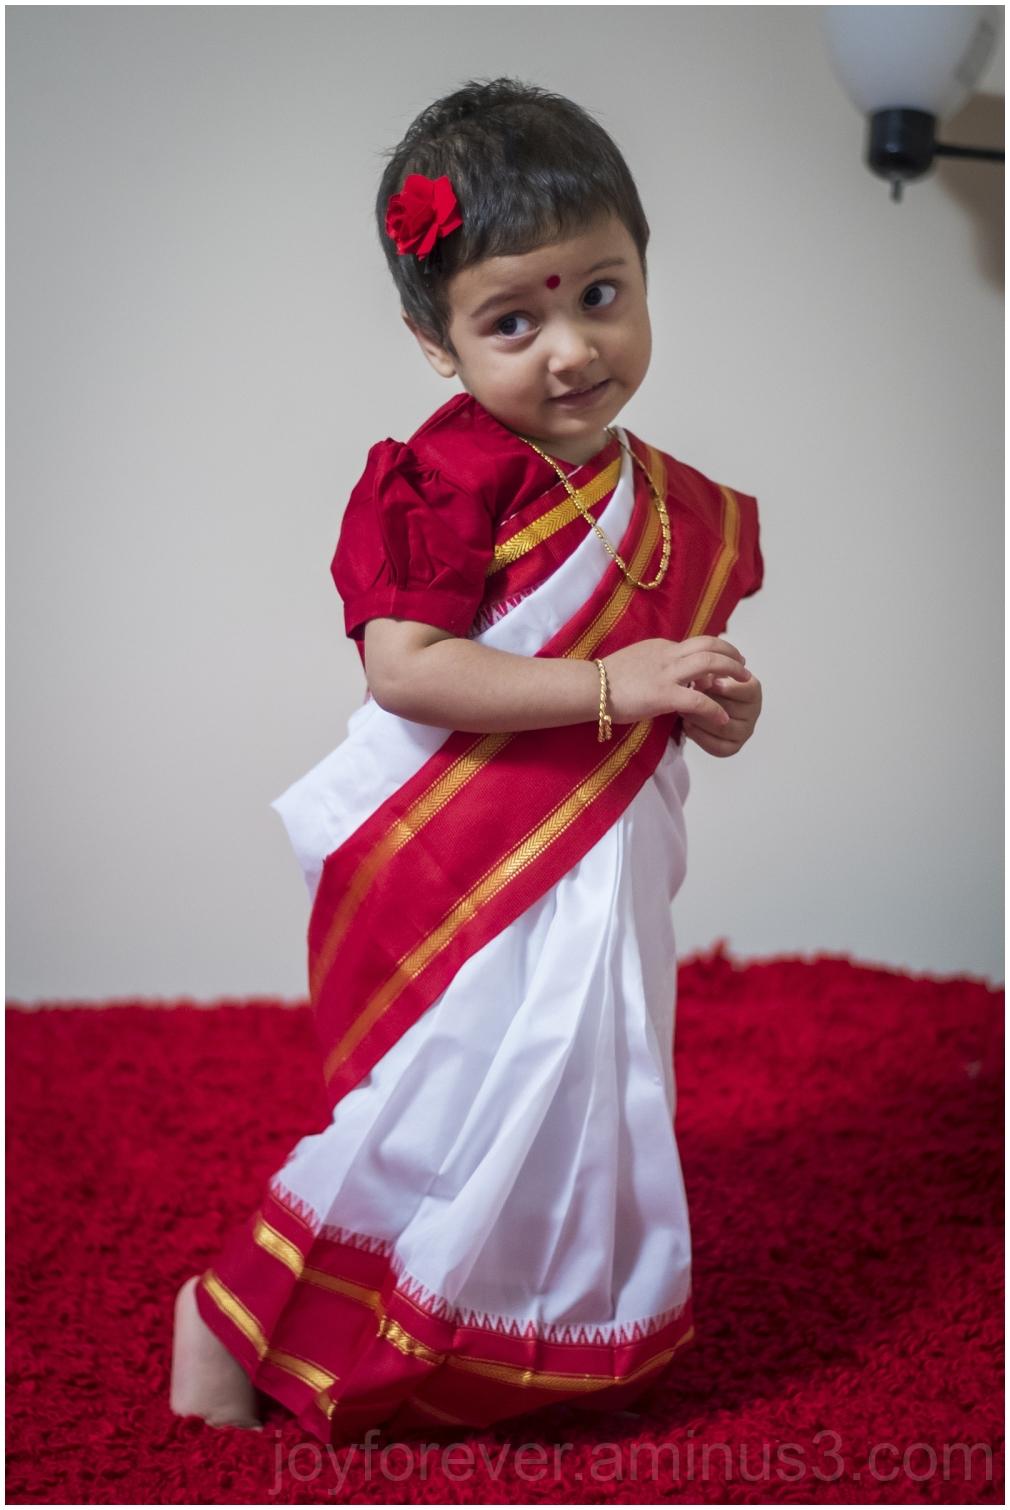 Bengali girl toddler sari Indian Hindu NewYear